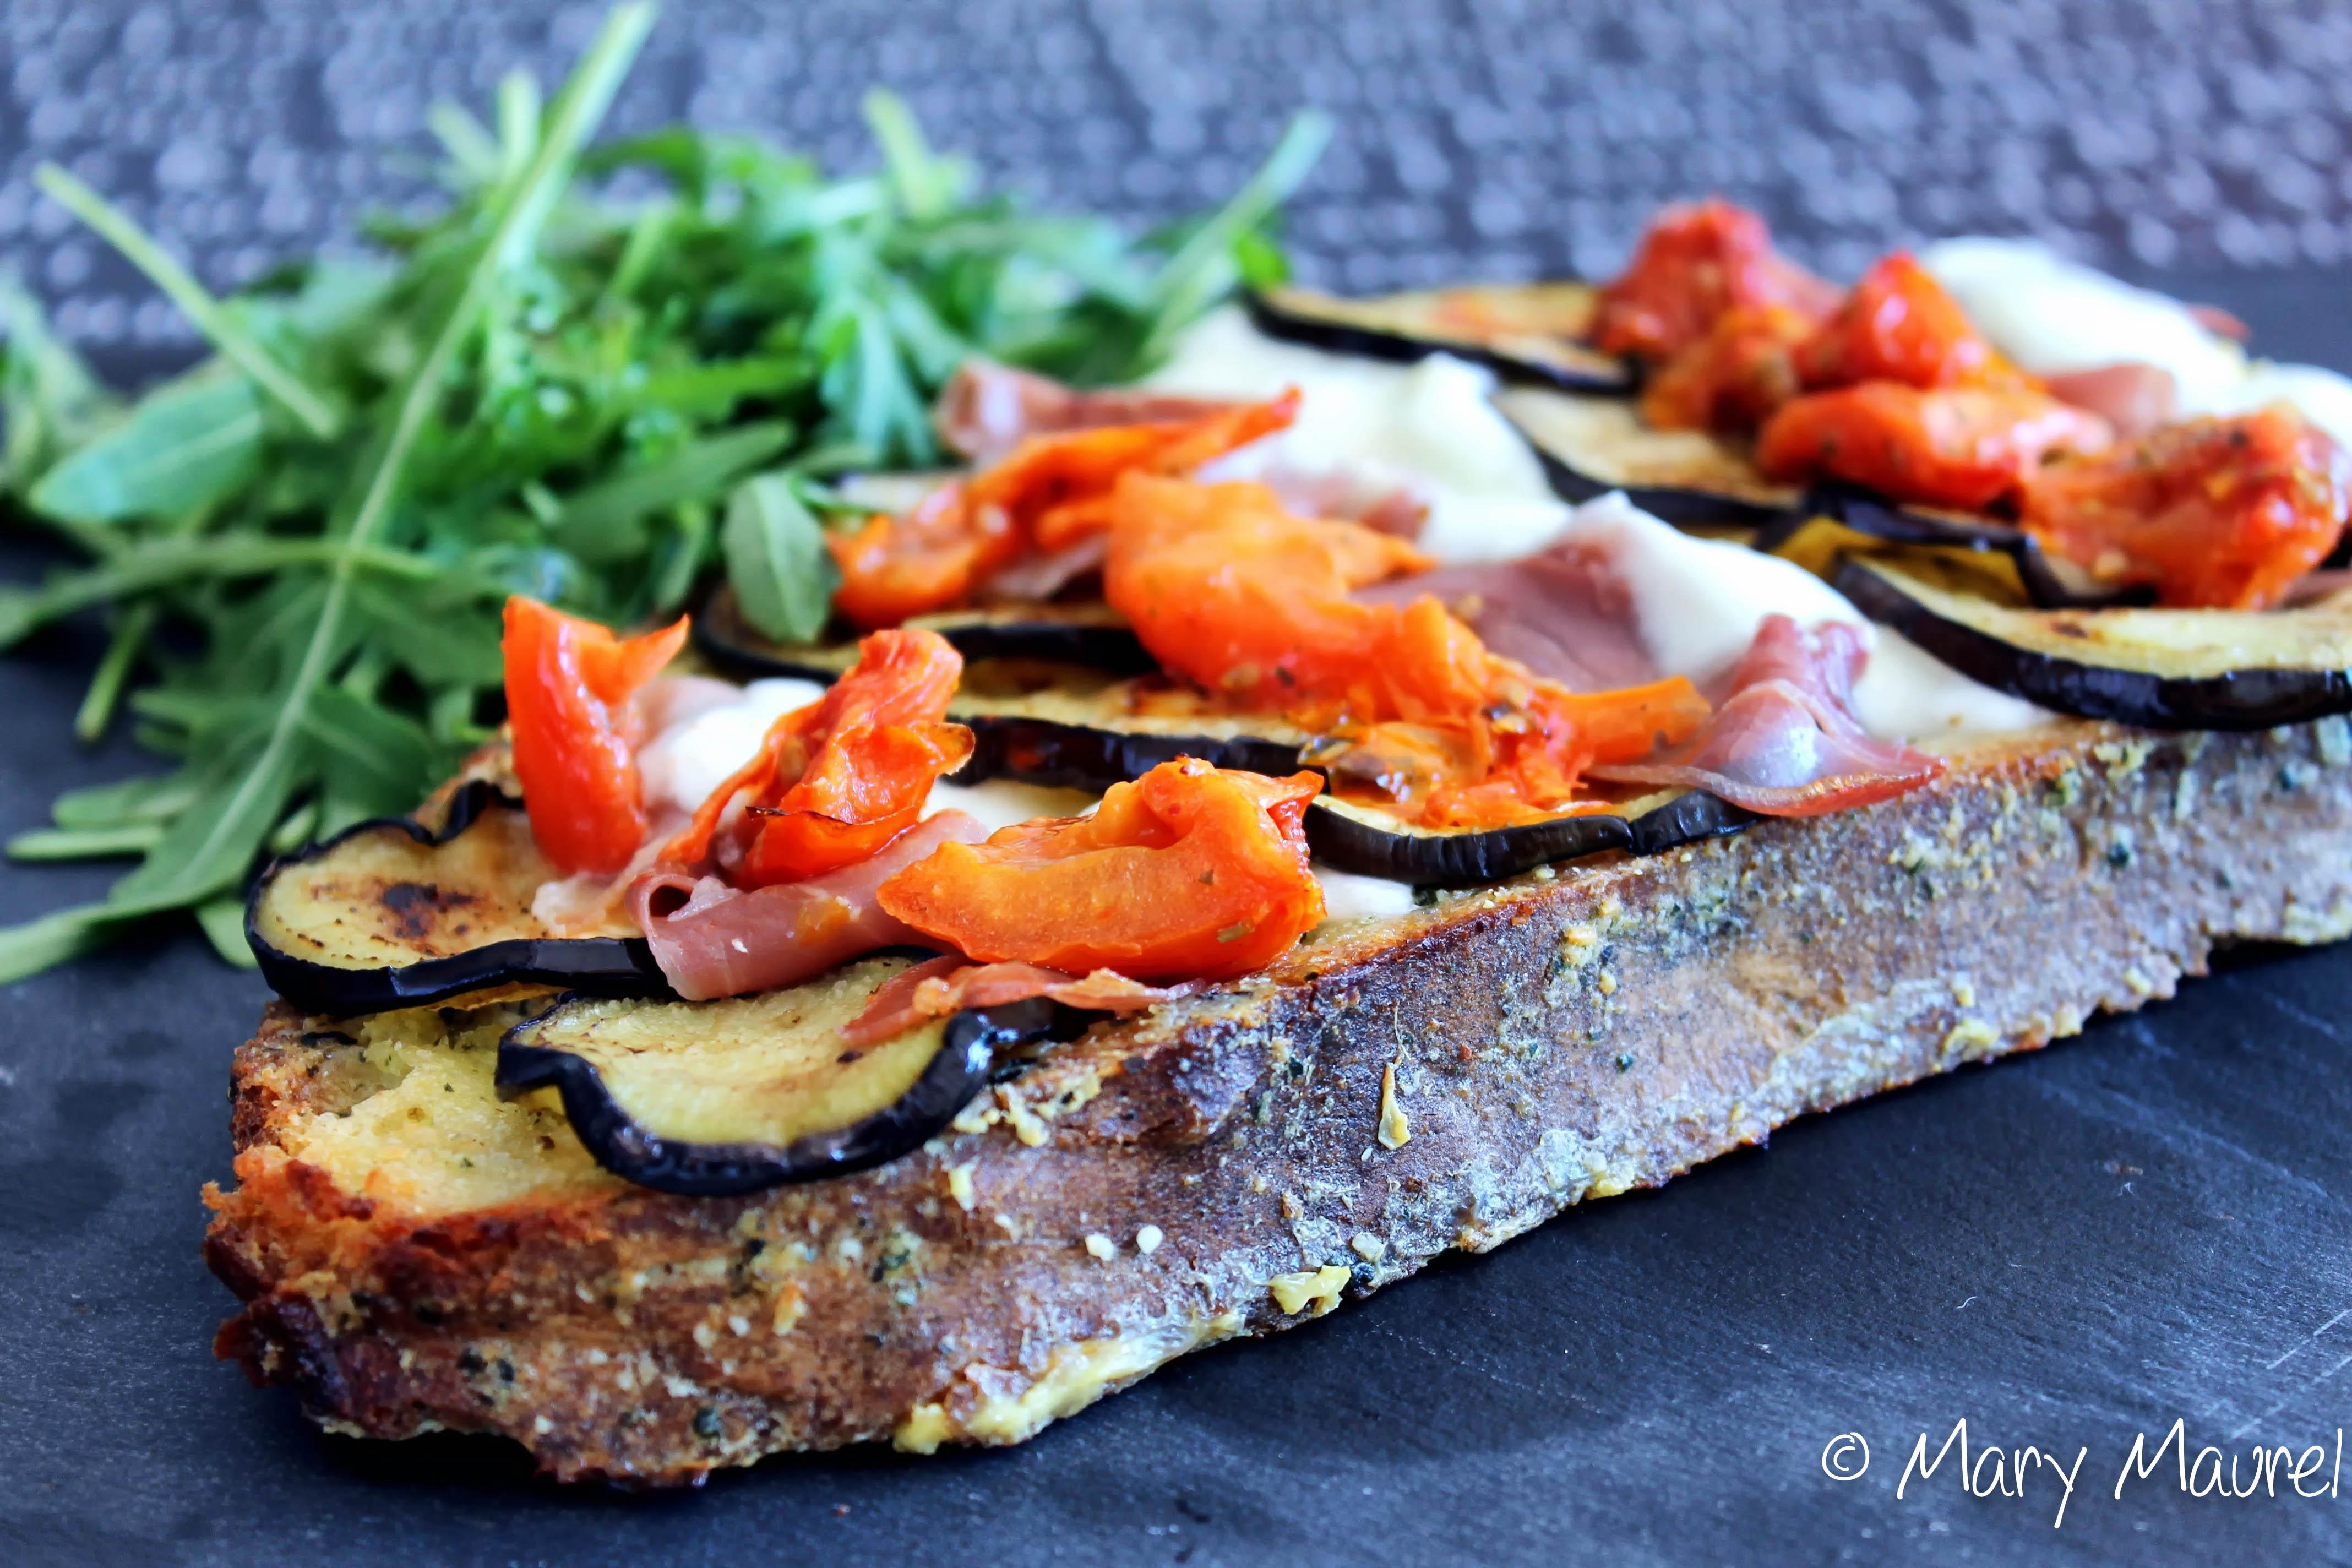 Pain perdu au pesto, légumes du soleil, mozzarella et jambon cru